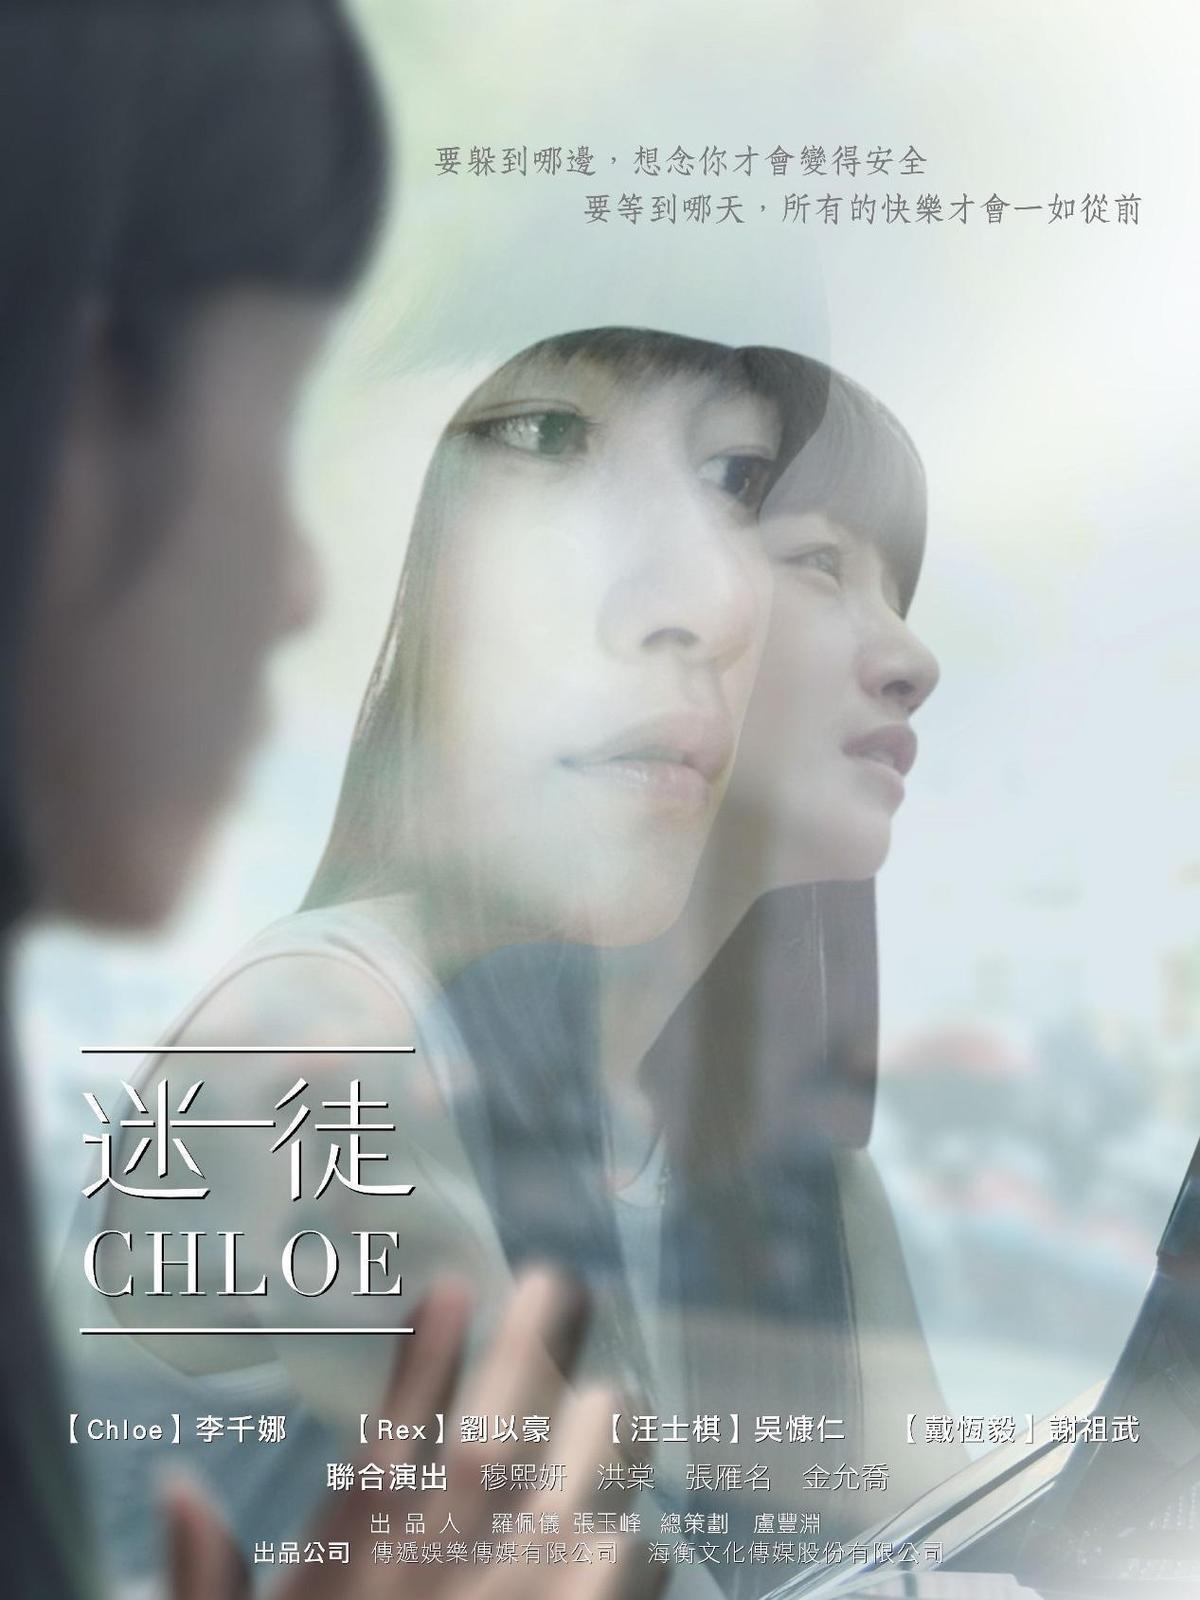 傳遞娛樂自製的都會愛情網劇《迷徒Chloe》,找來劉以豪、李千娜、吳慷仁等一線卡司。(傳遞娛樂提供)